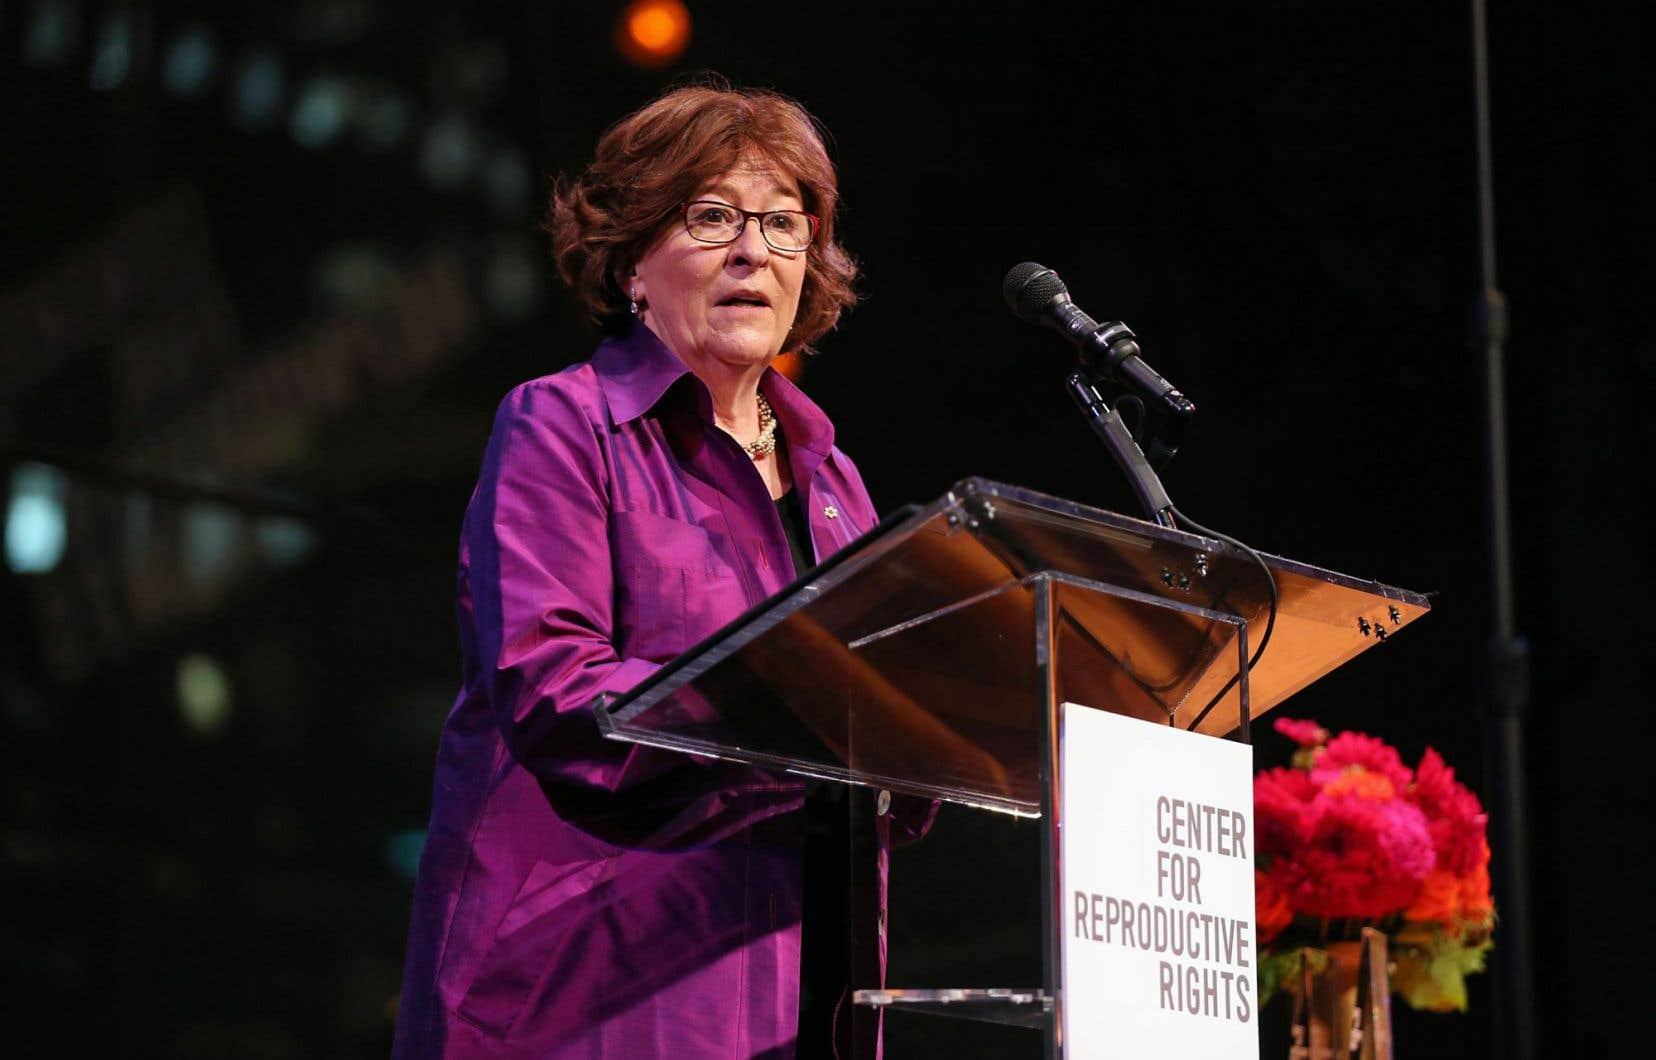 Louise Arbour livrant un discours lors du gala du Center for Reproductive Rights, au centre Lincoln, à New York en octobre 2014